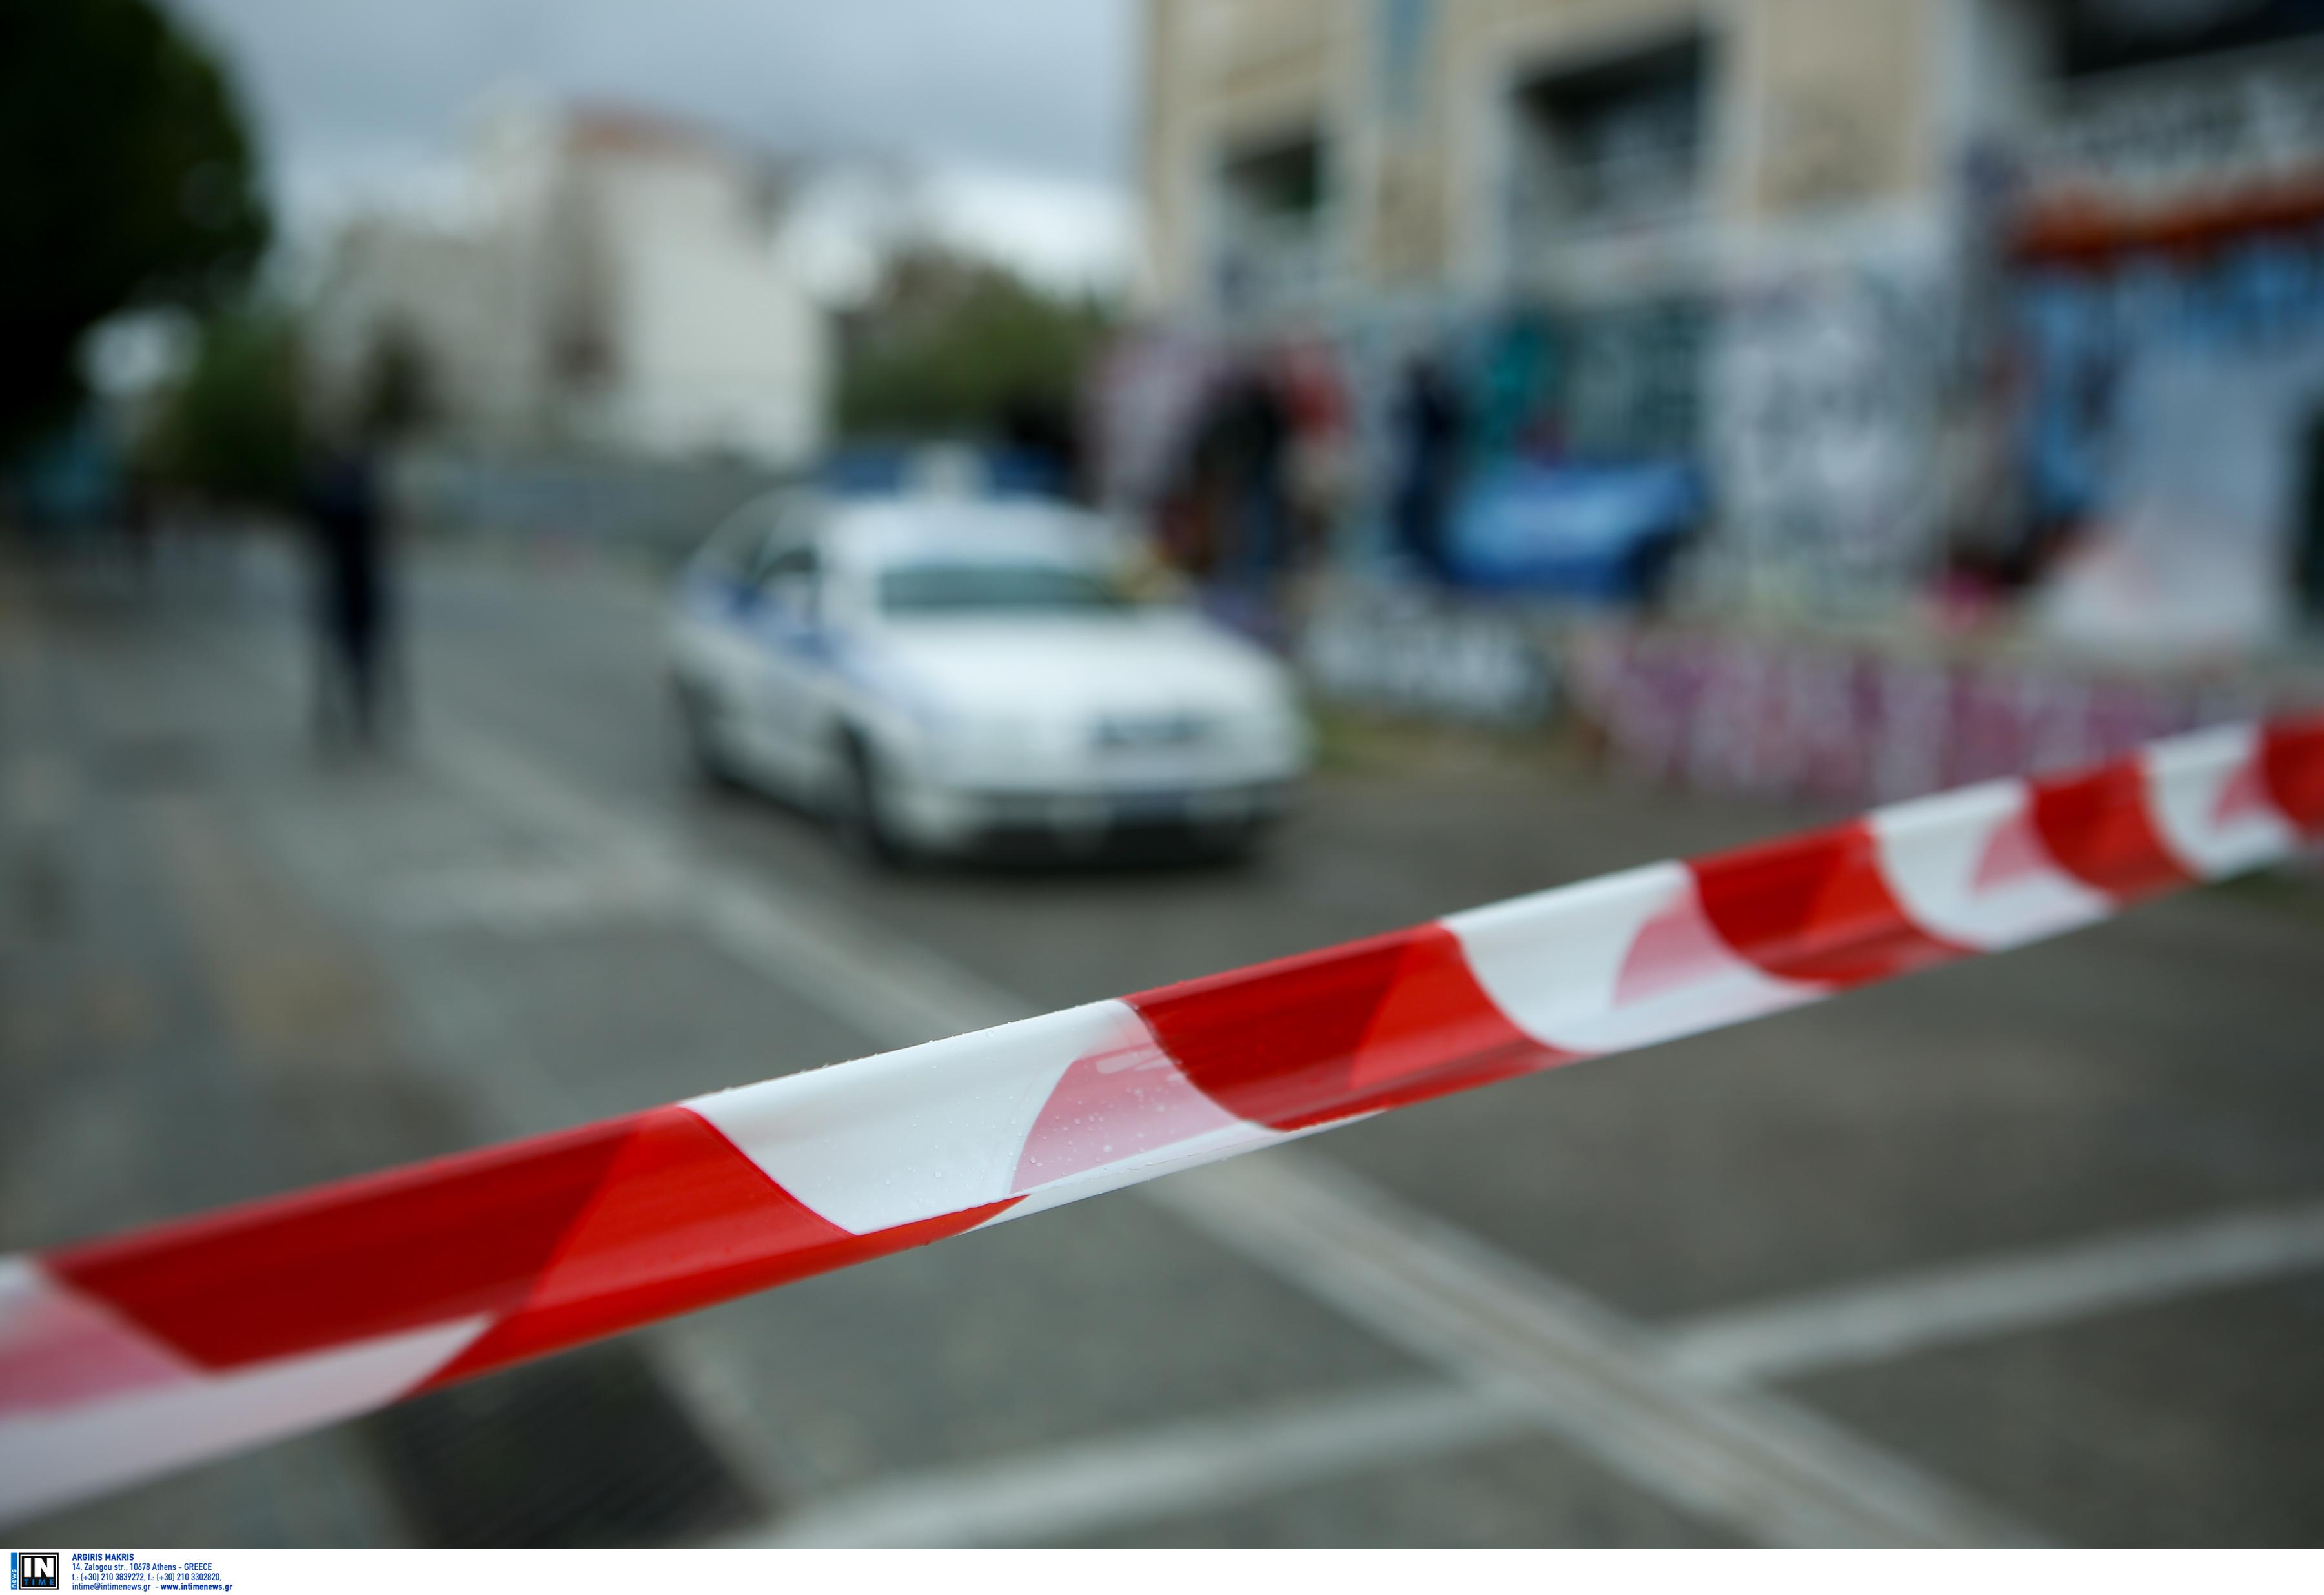 Φθιώτιδα: Σκότωσε τη γυναίκα του και αυτοκτόνησε! Ο μοιραίος καυγάς μέσα στο σπίτι τους